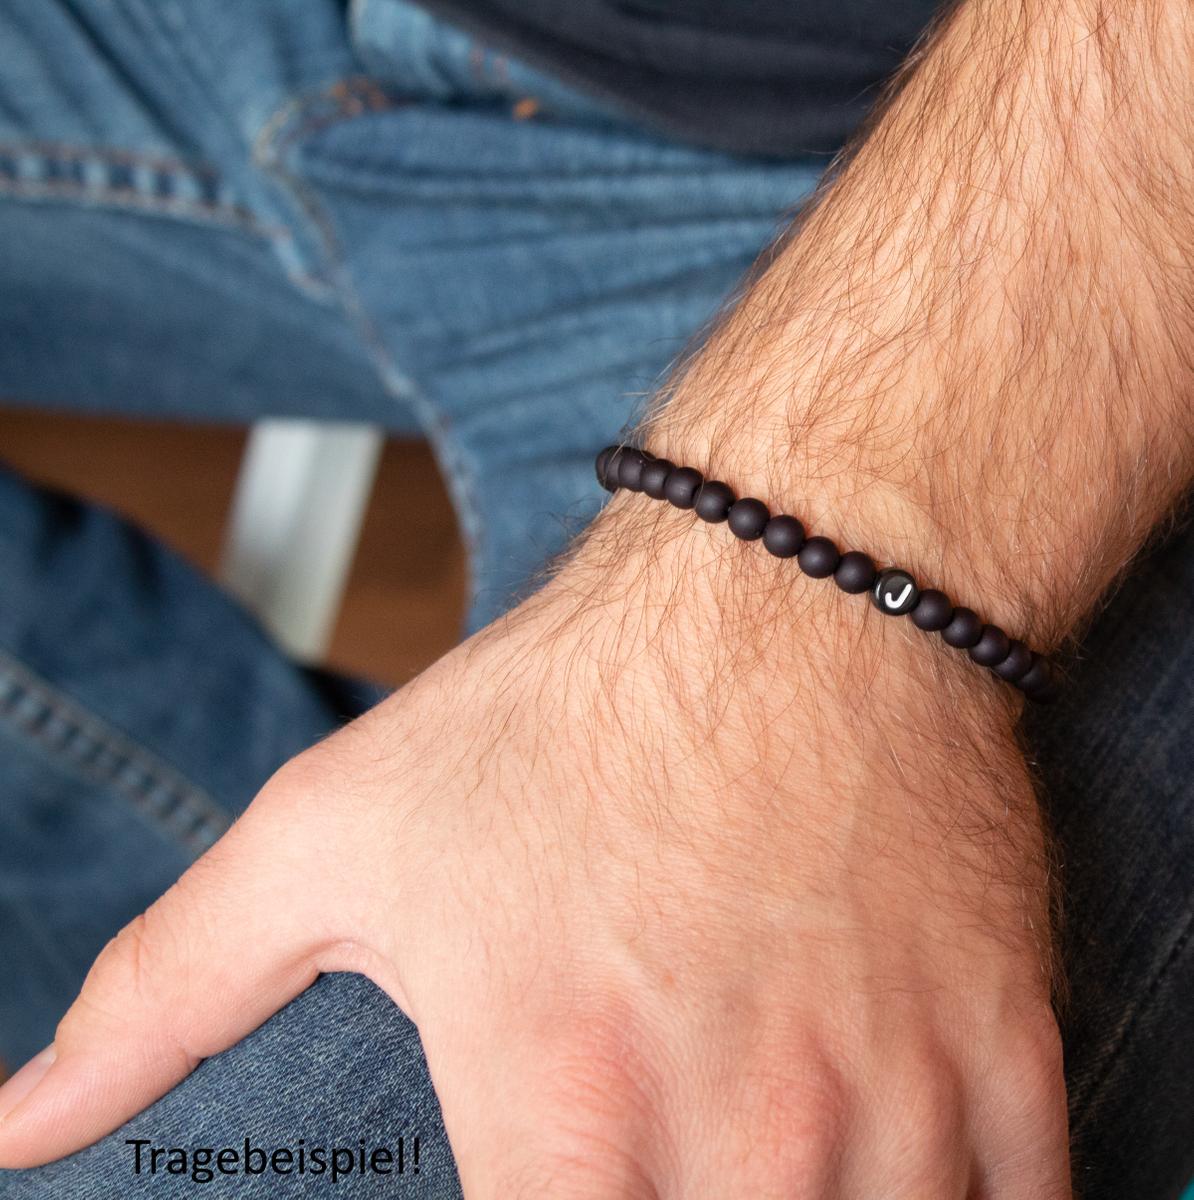 offizieller Verkauf exklusives Sortiment klar und unverwechselbar Milosa Armband Männer Perlen Buchstabe - Modernes Armband Herren - Geschenk